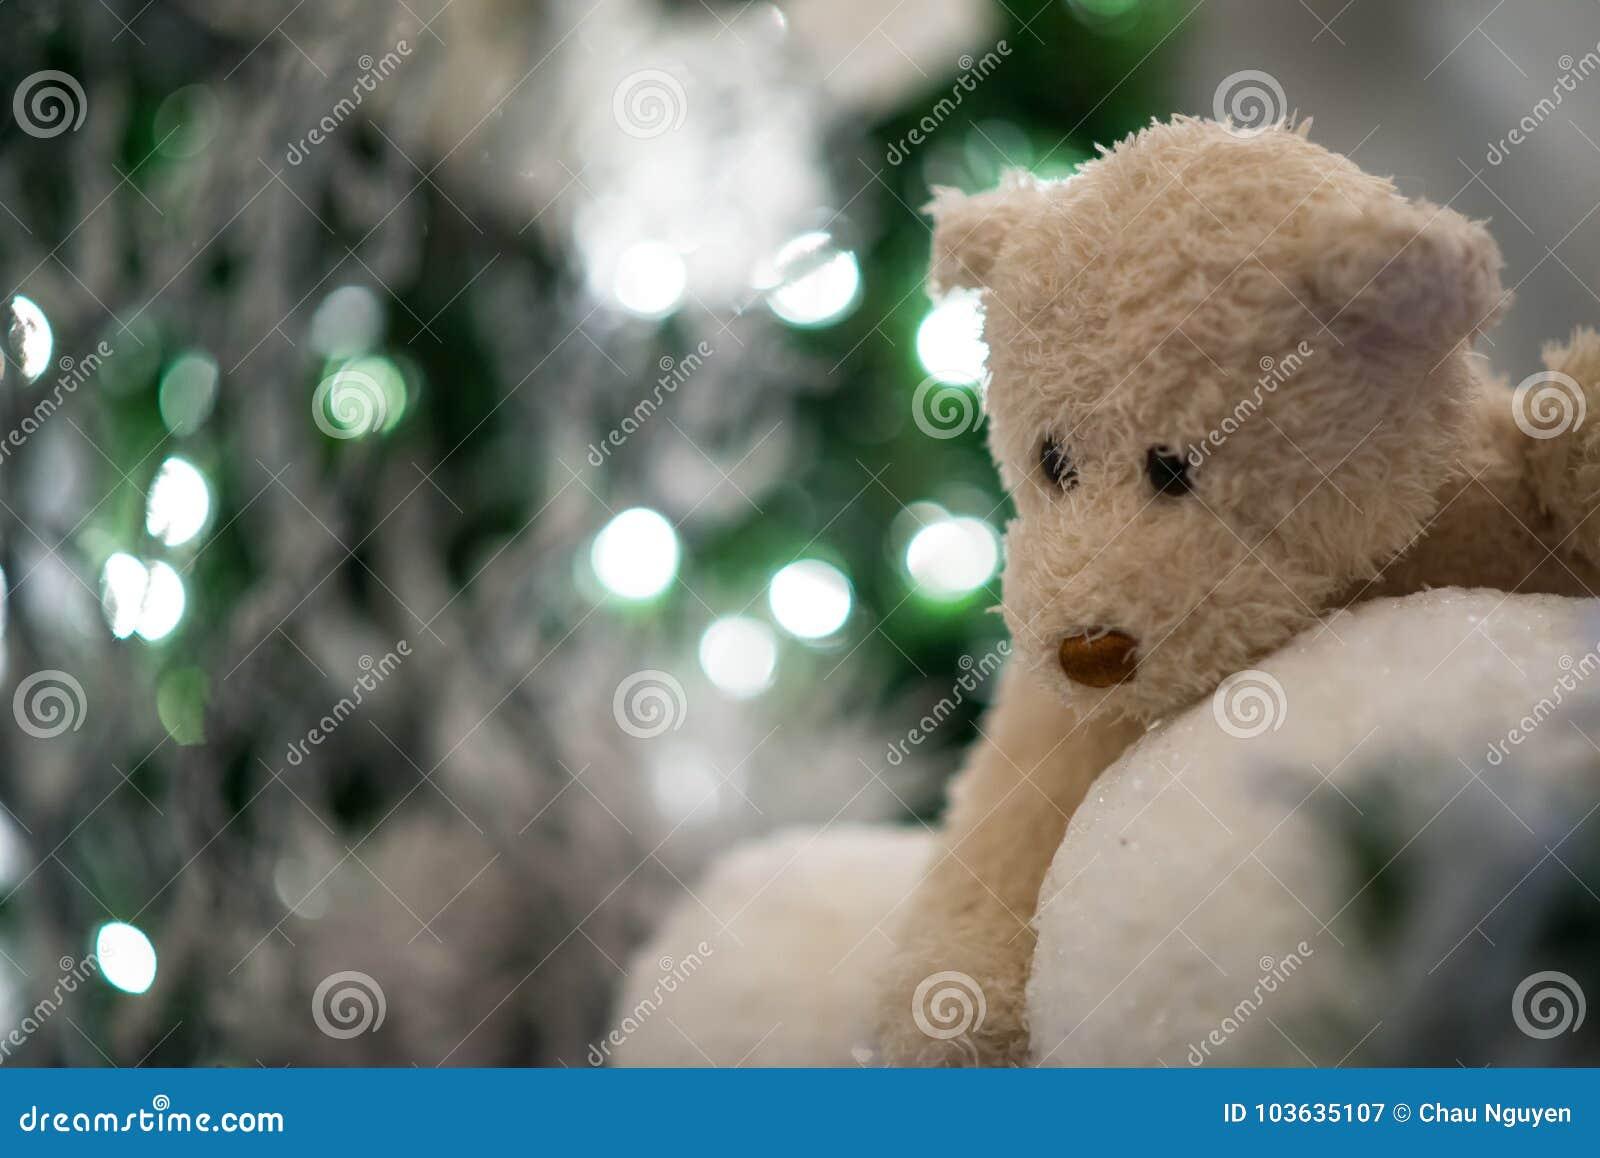 Bolas De Nieve De Los Abrazos De Oso De Peluche Con El árbol De